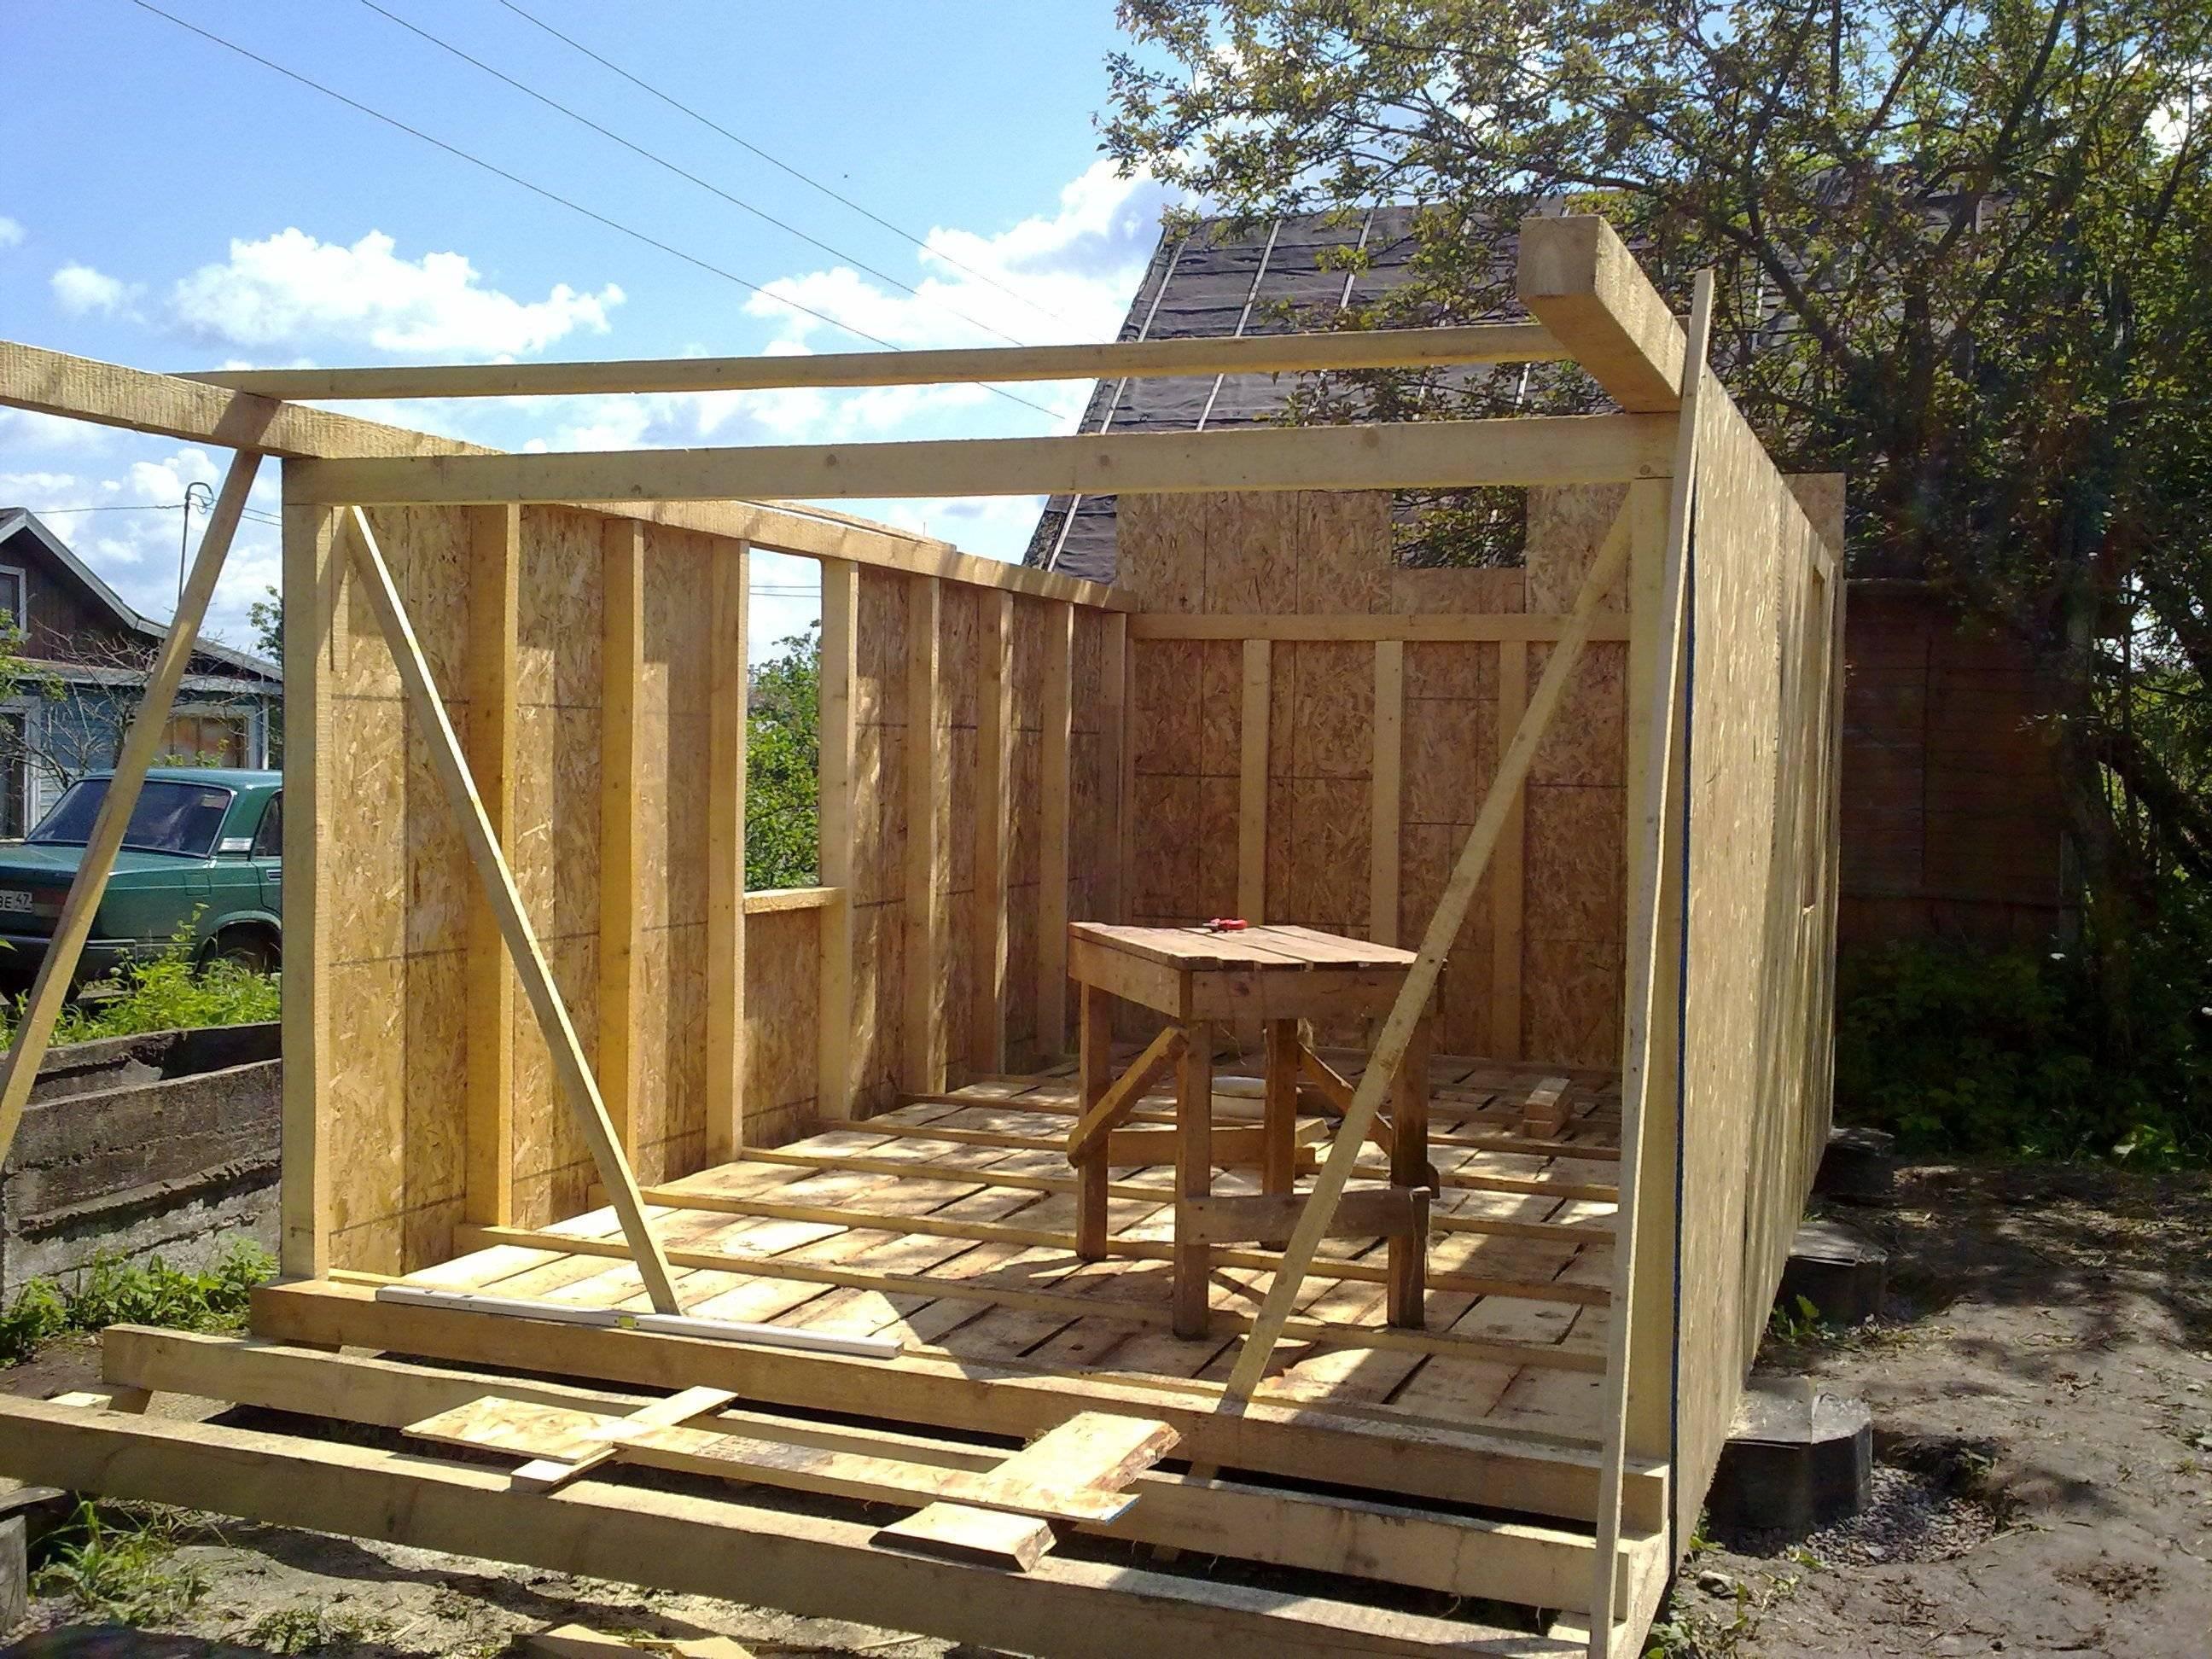 Сарай своими руками: примеры проектов хозпостроек, обзор материалов для постройки и рекомендации по строительству